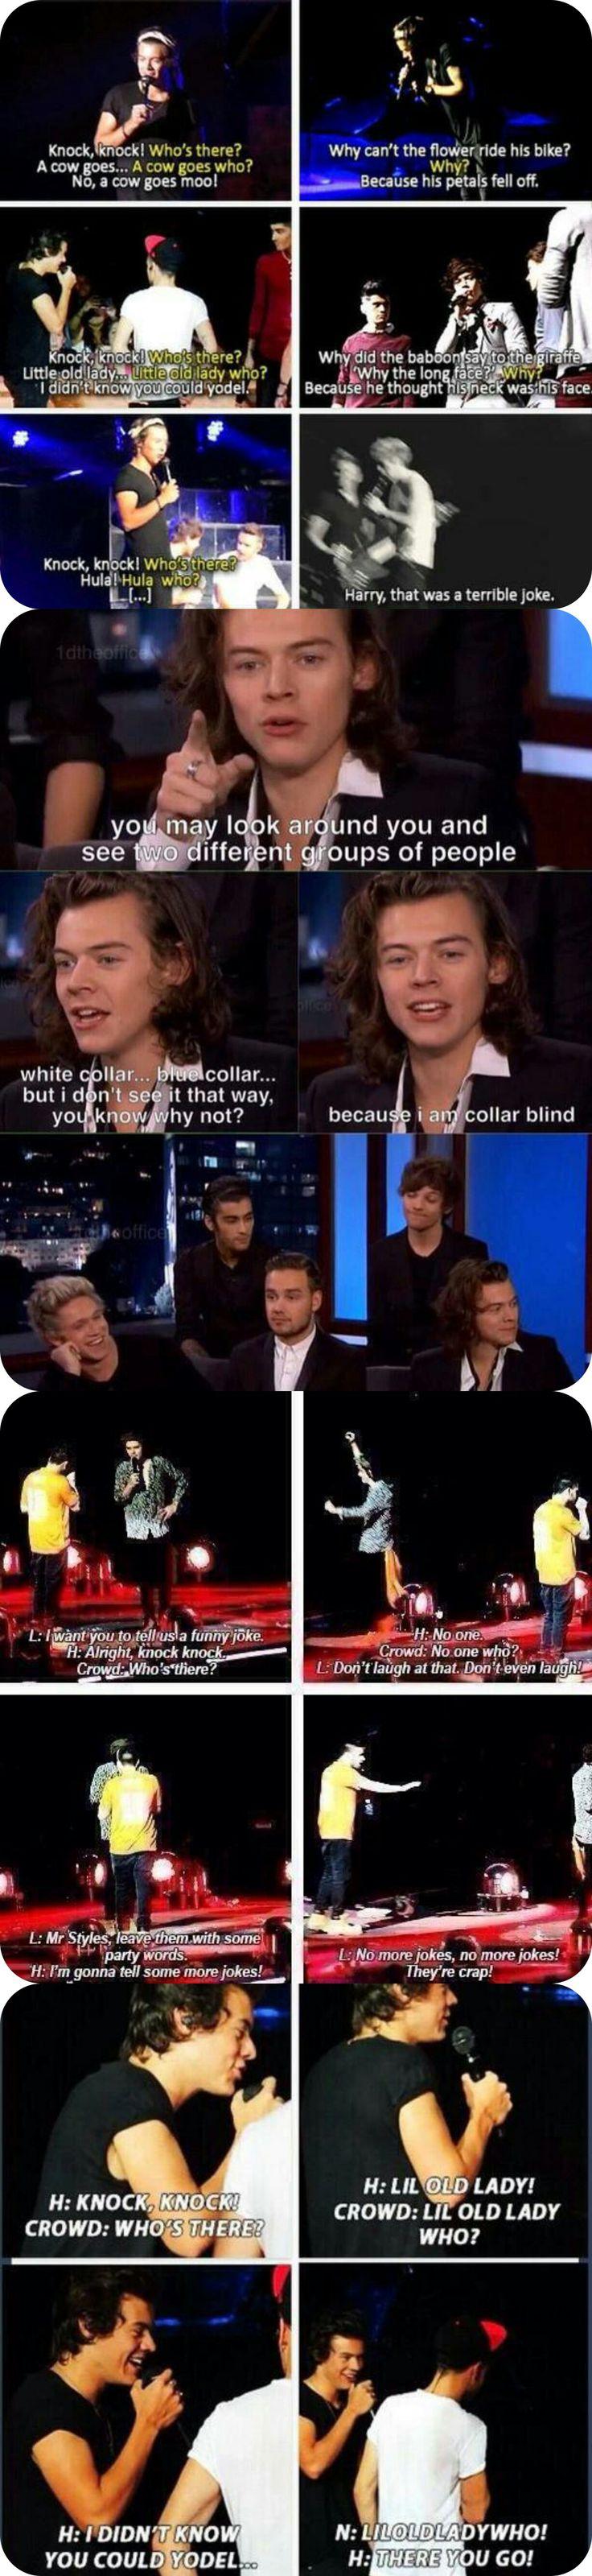 Harry Styles ❥ and his jokes<<haha I love hazzas jokes! I always laugh